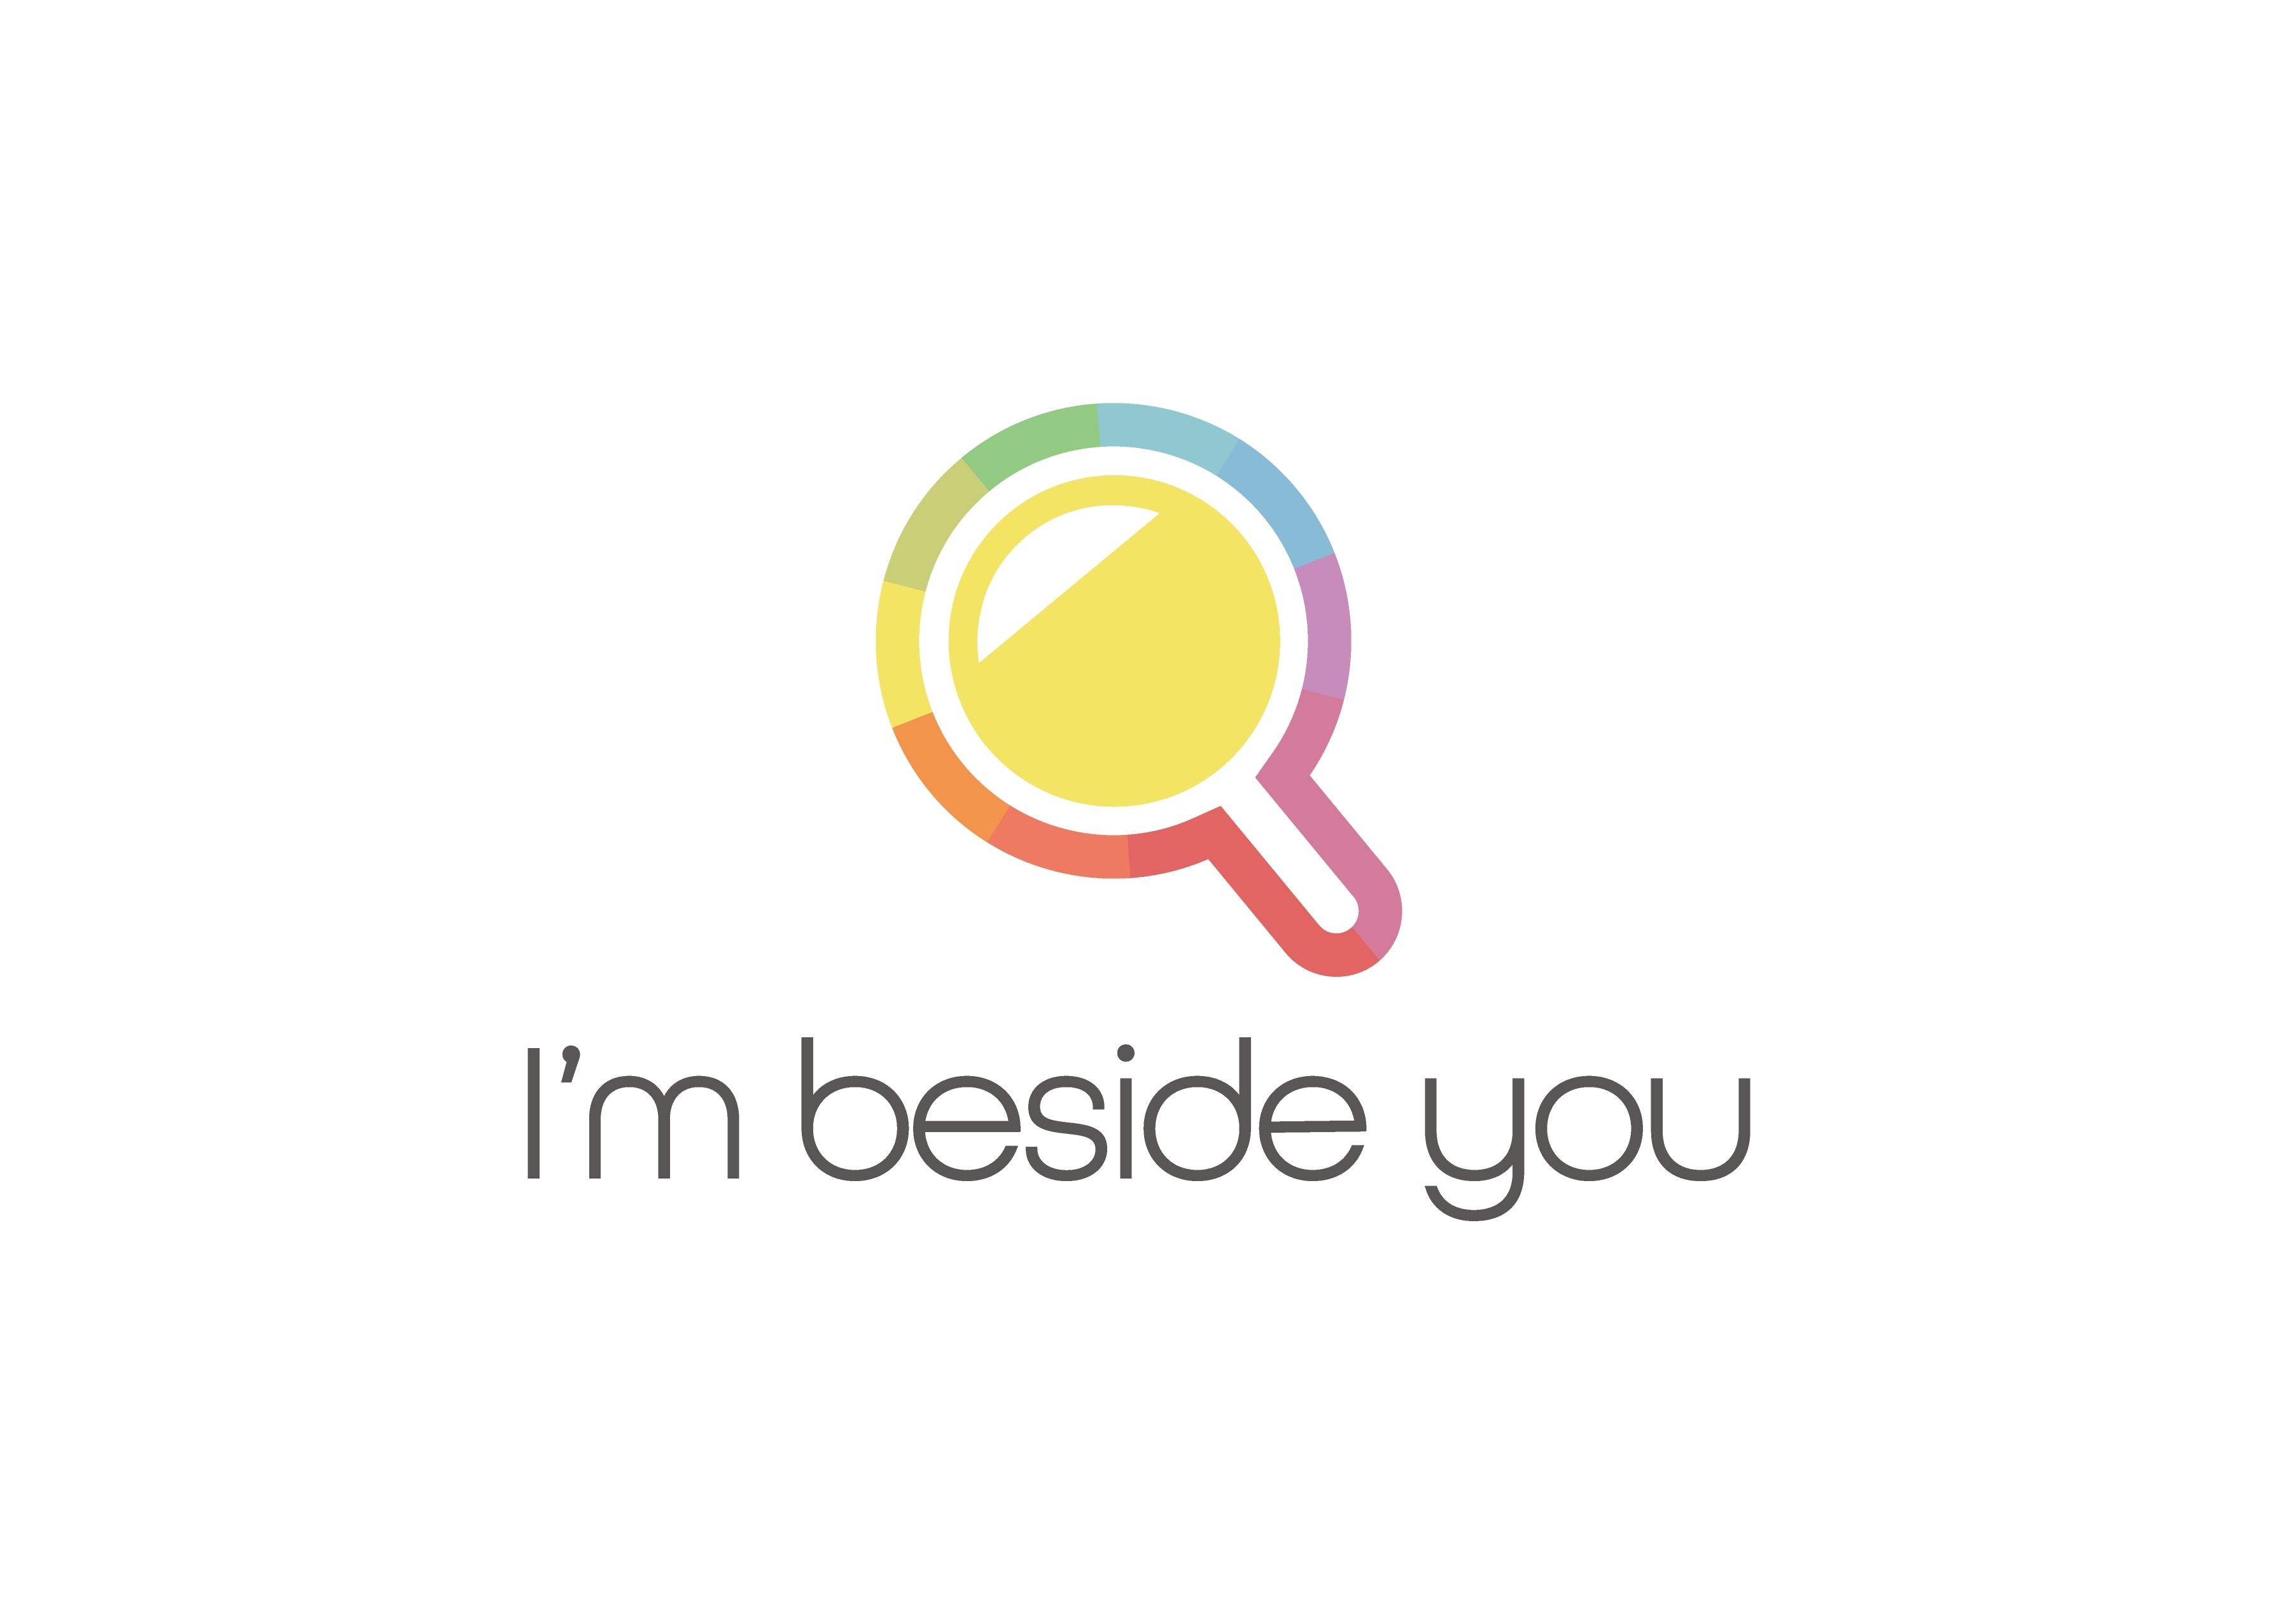 I'mbesideyou Inc.